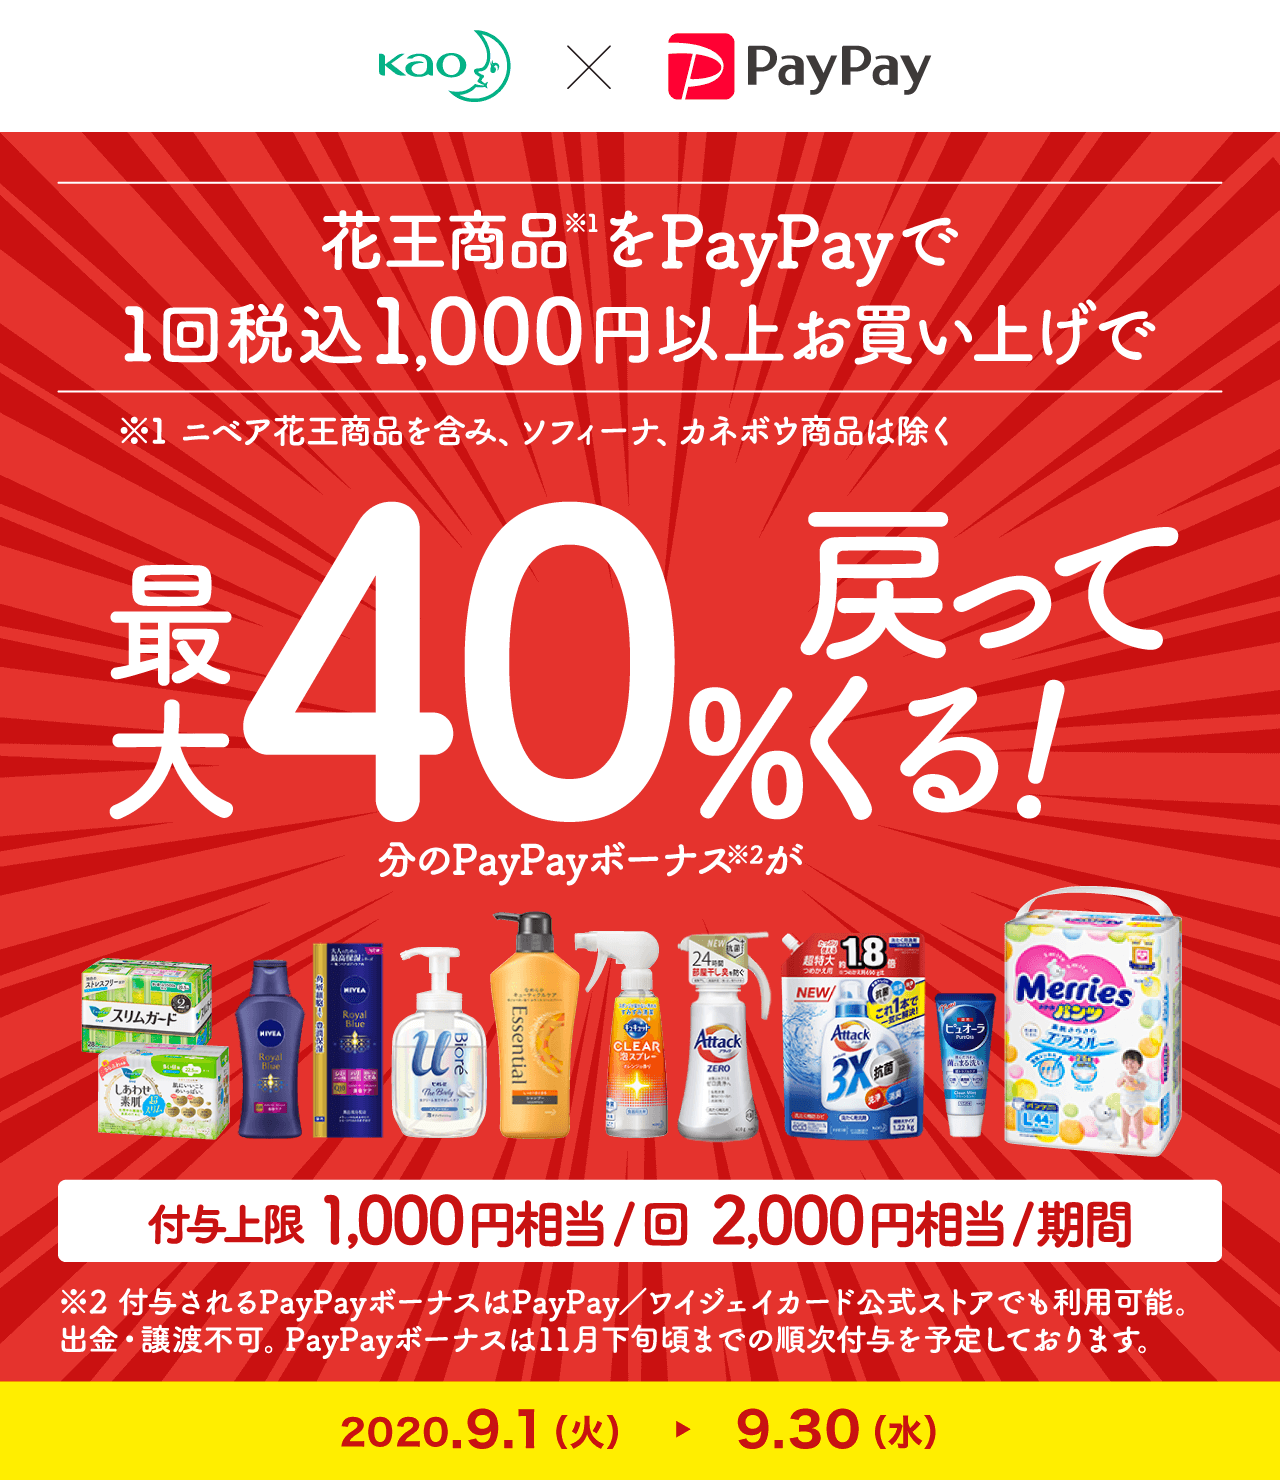 花王製品をドラッグストアでPayPayで1回1000円以上買うと最大40%バック、12/1~12/31。ニベア含む、ソフィーナ、カネボウ除く。